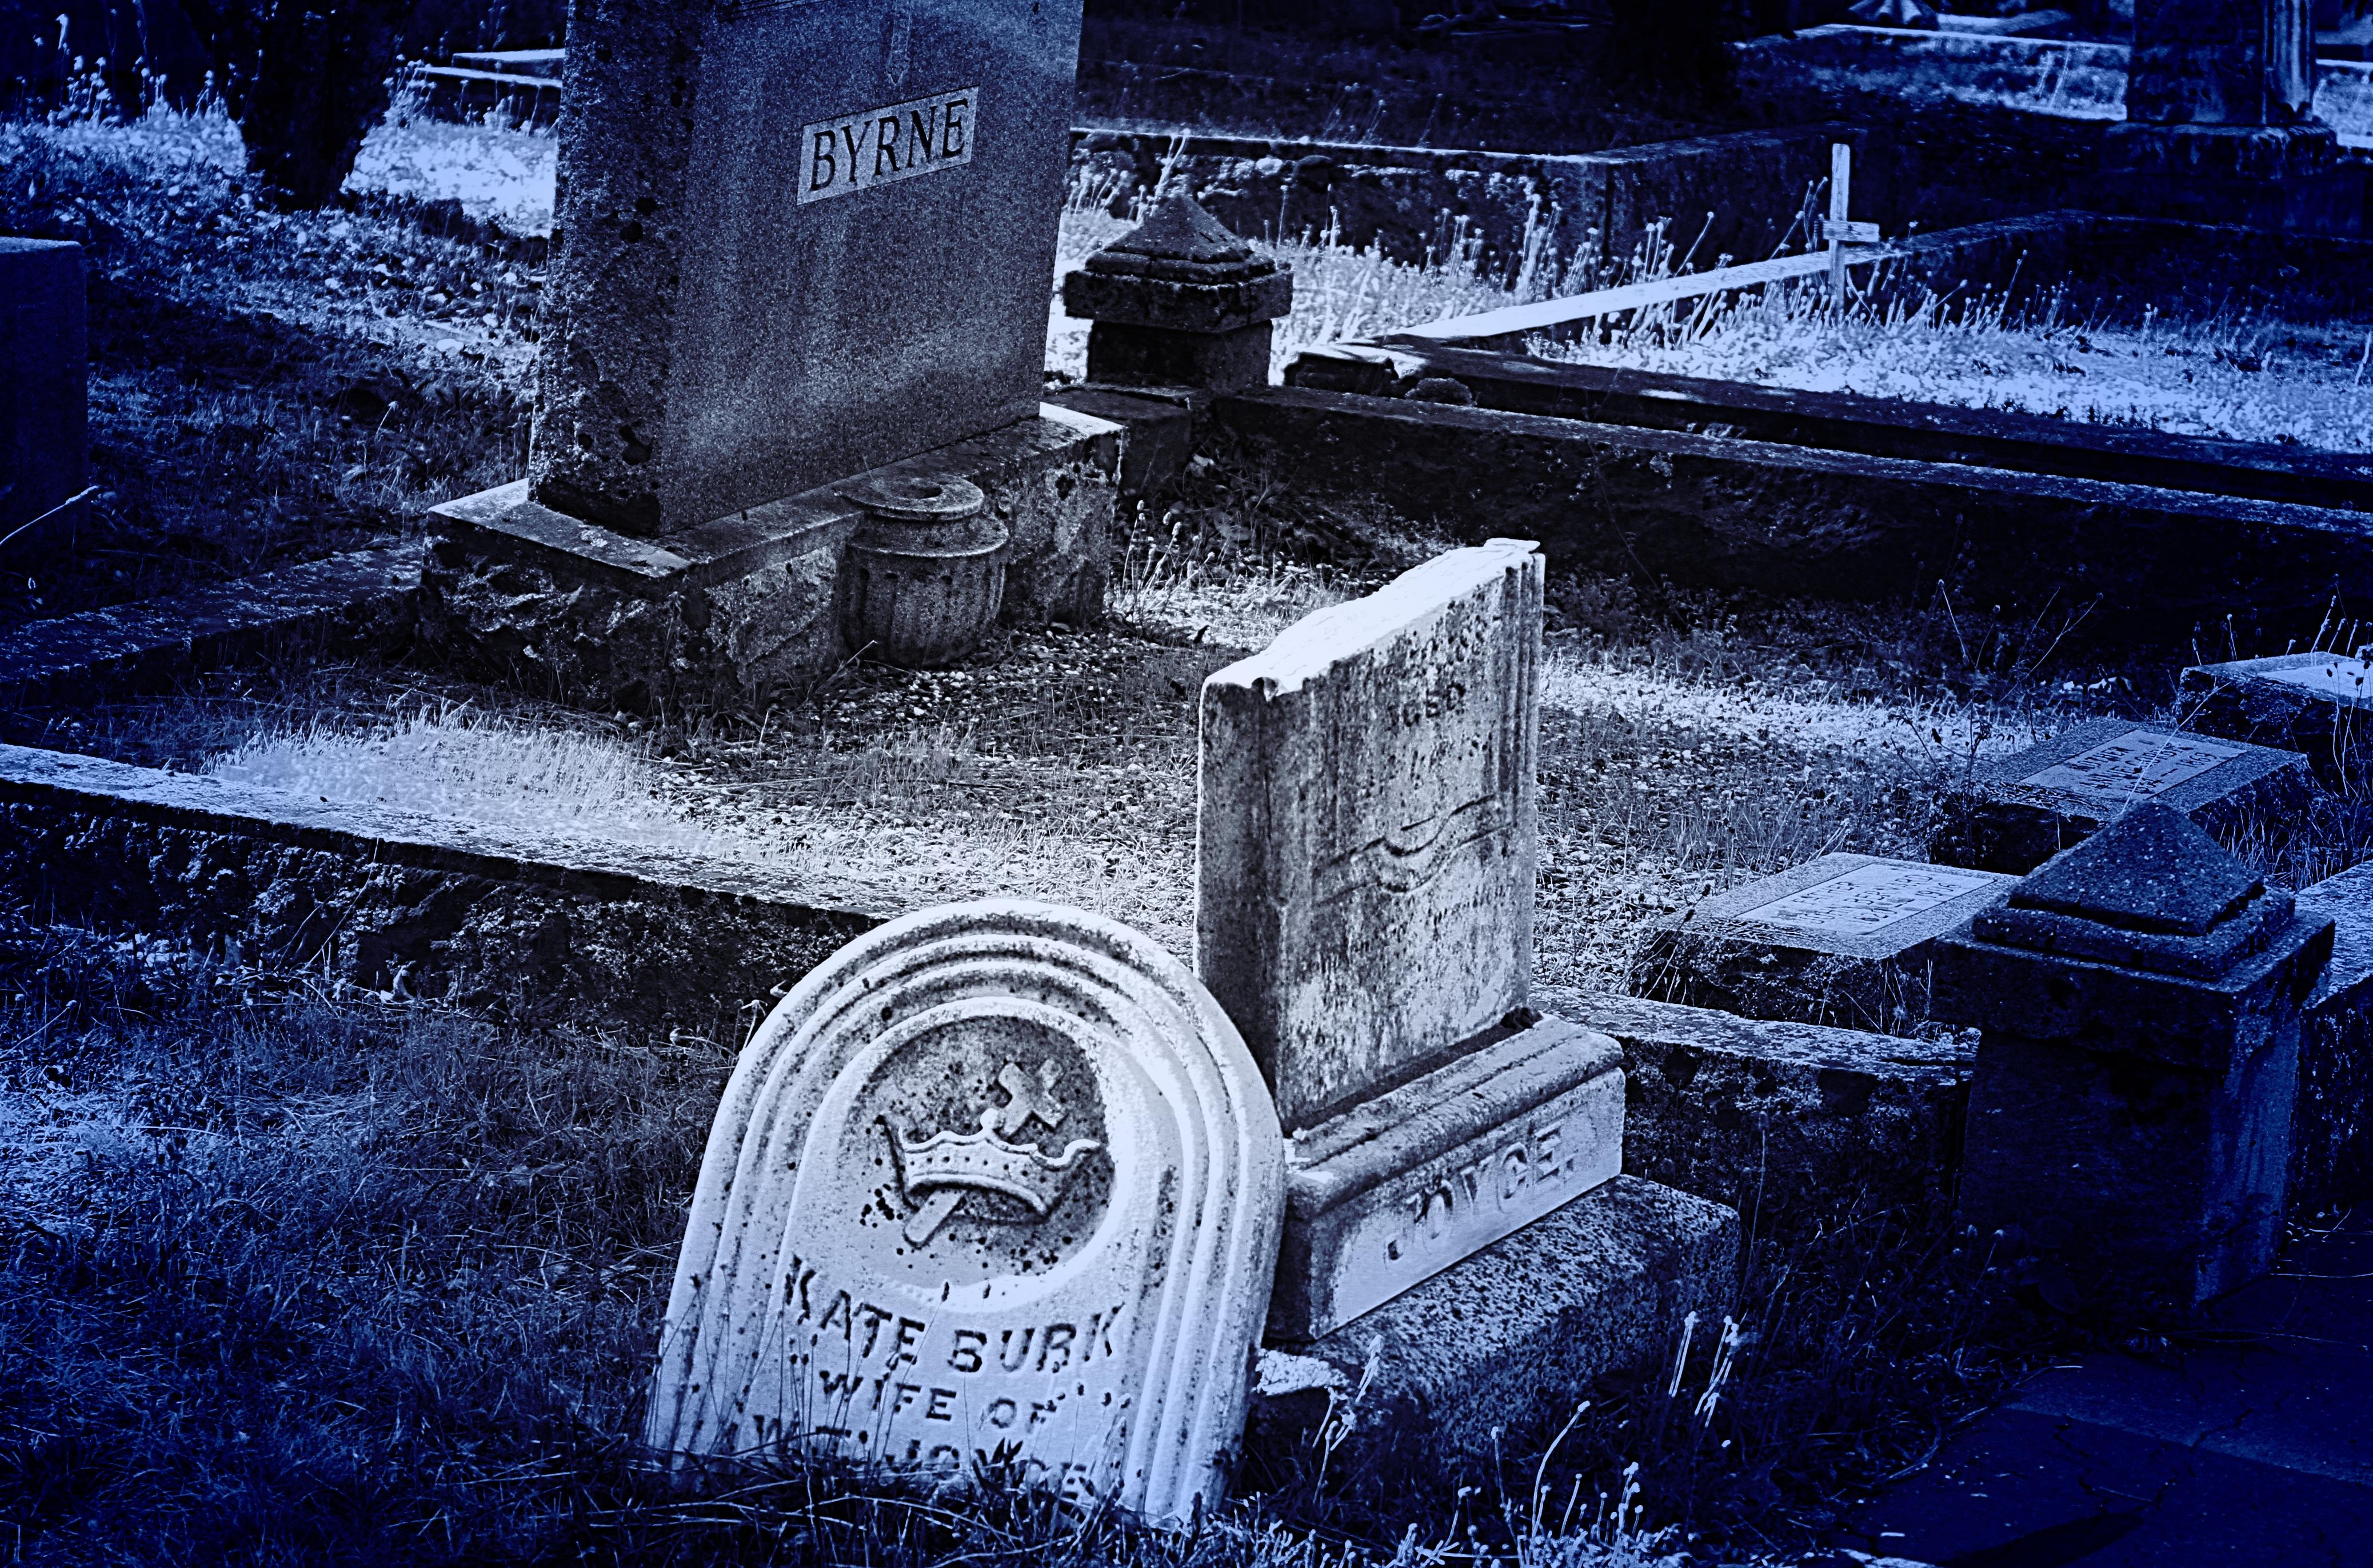 видеть во сне свою надгробную фотографию предлагает